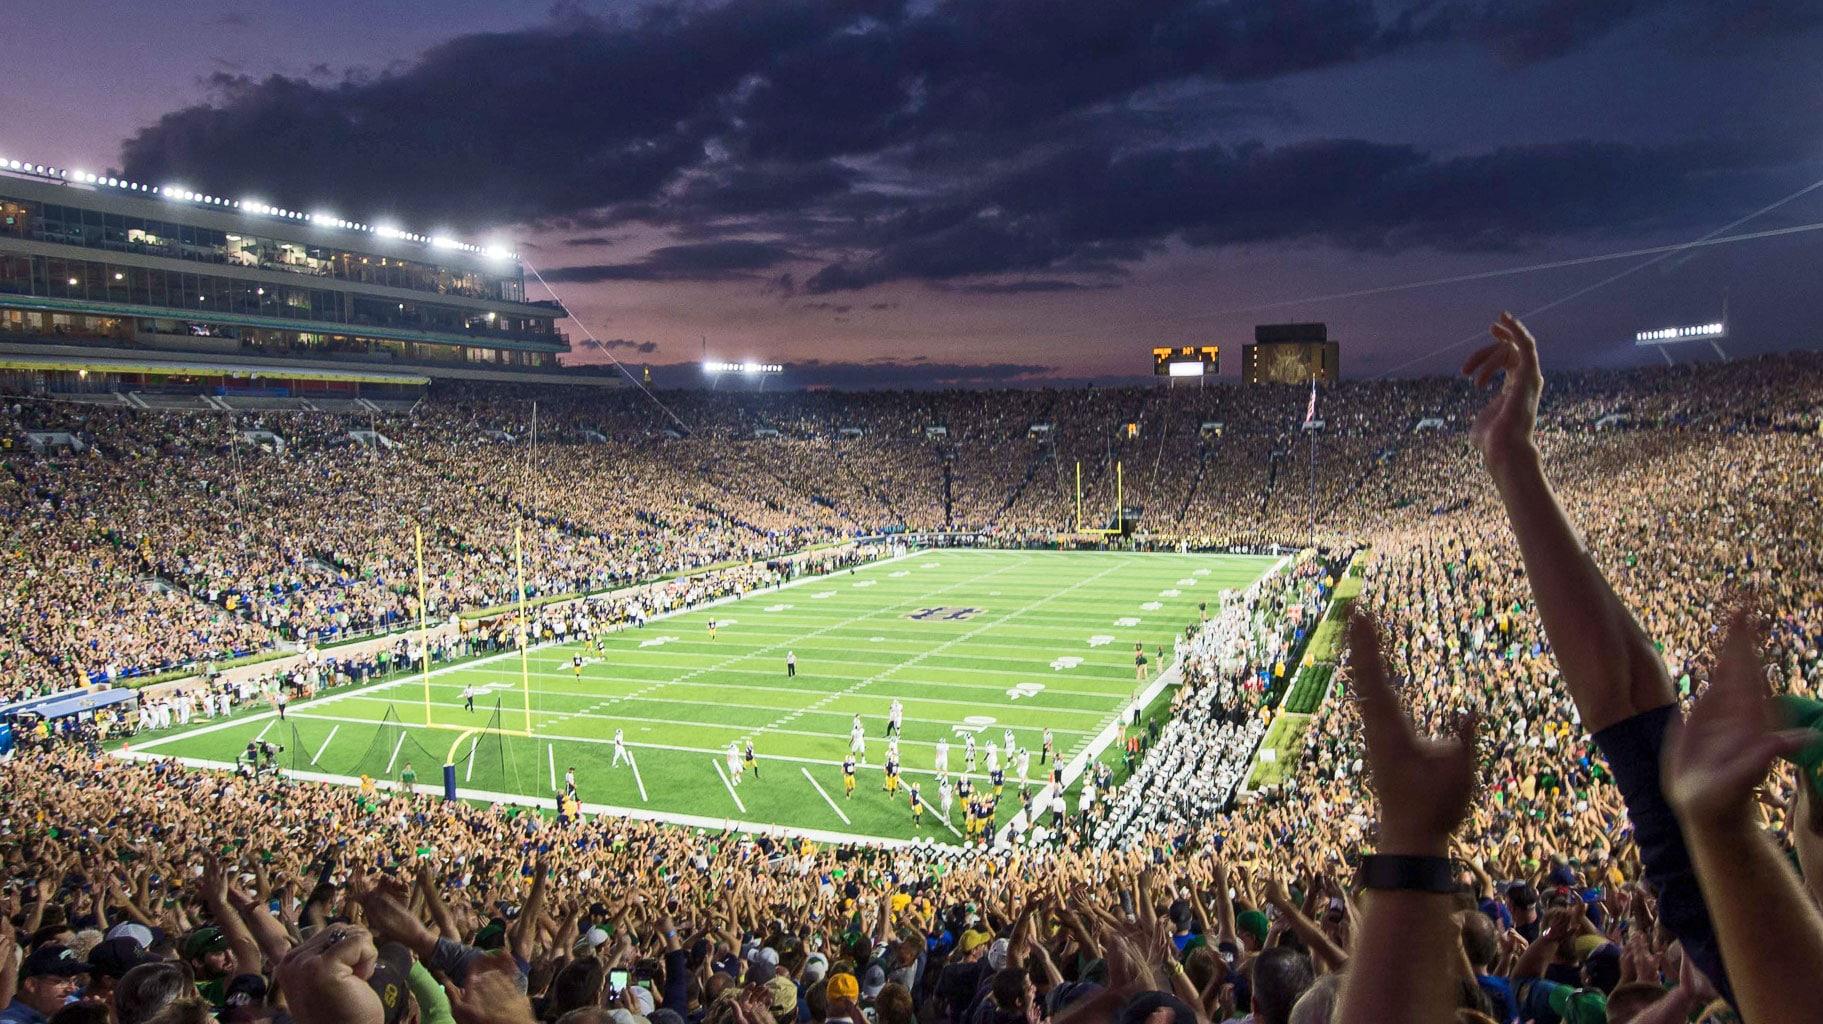 Notre-dame-stadium-1